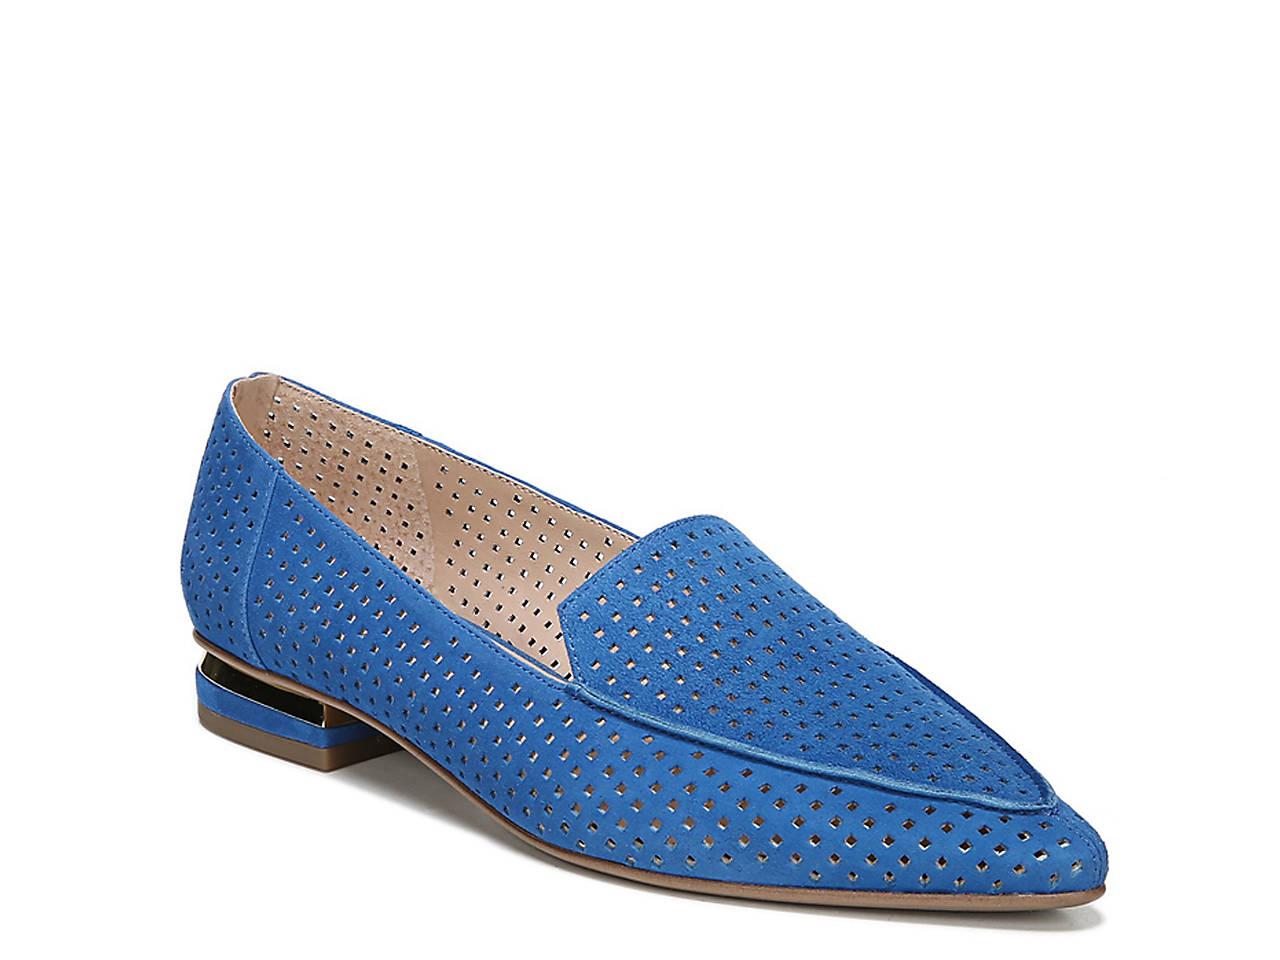 7b7e572dfa7 Franco Sarto Starland 3 Loafer Women s Shoes